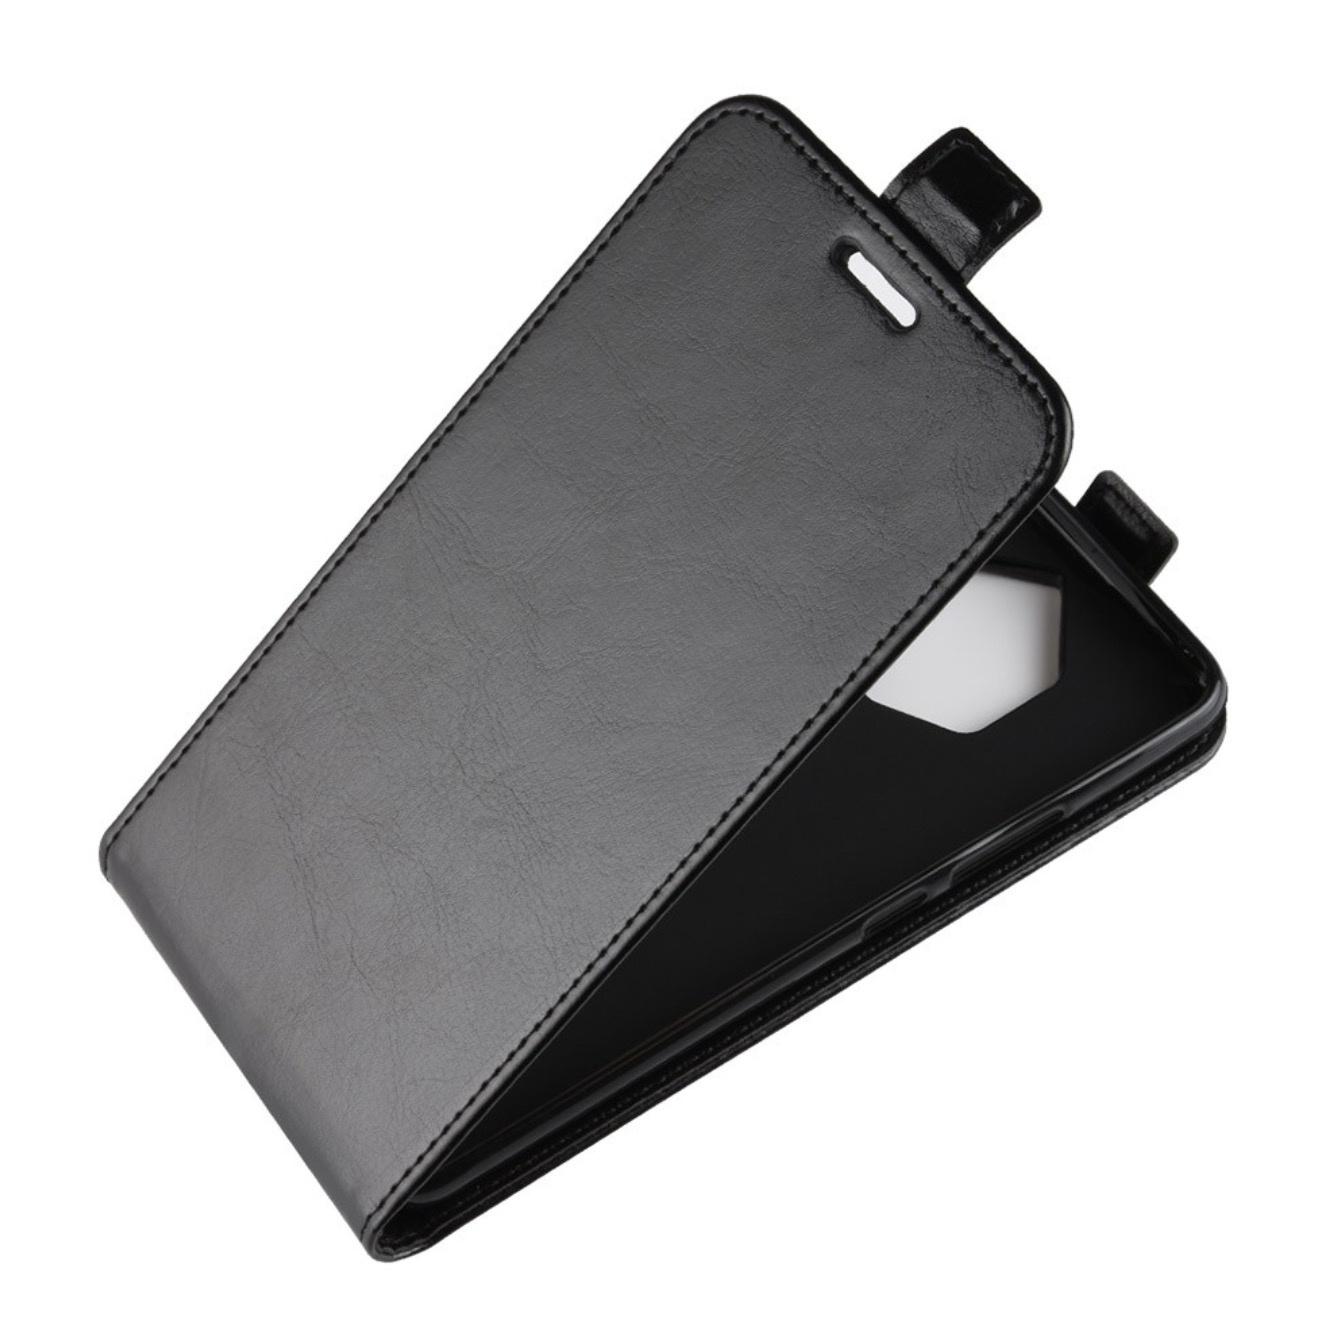 Чехол-флип MyPads для Zopo ZP600 вертикальный откидной черный